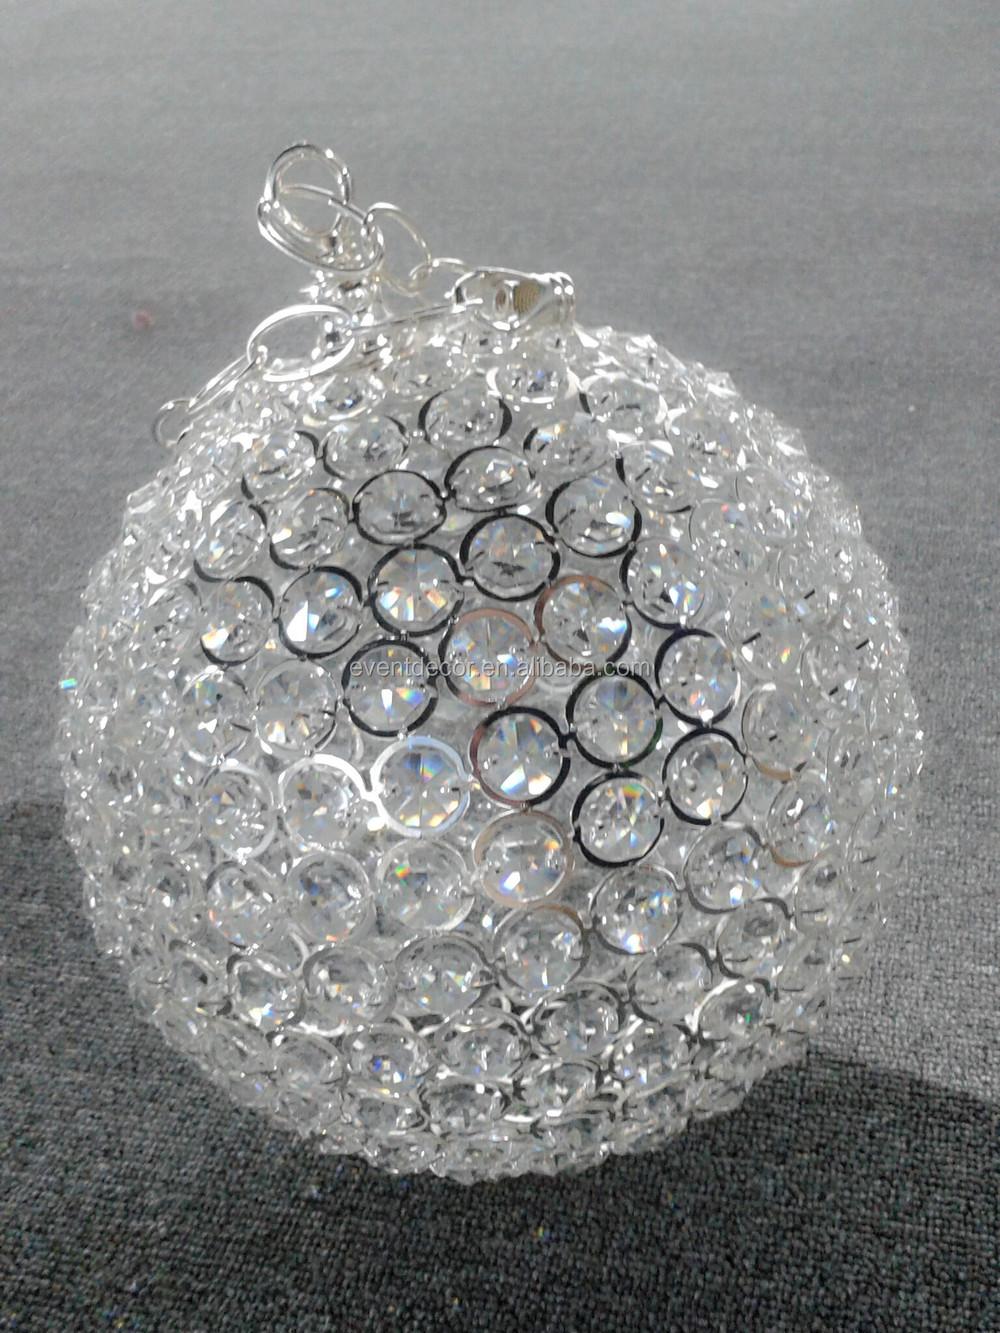 Hanging Crystal Ballwedding Decor Crystal Ballscrystal Ball